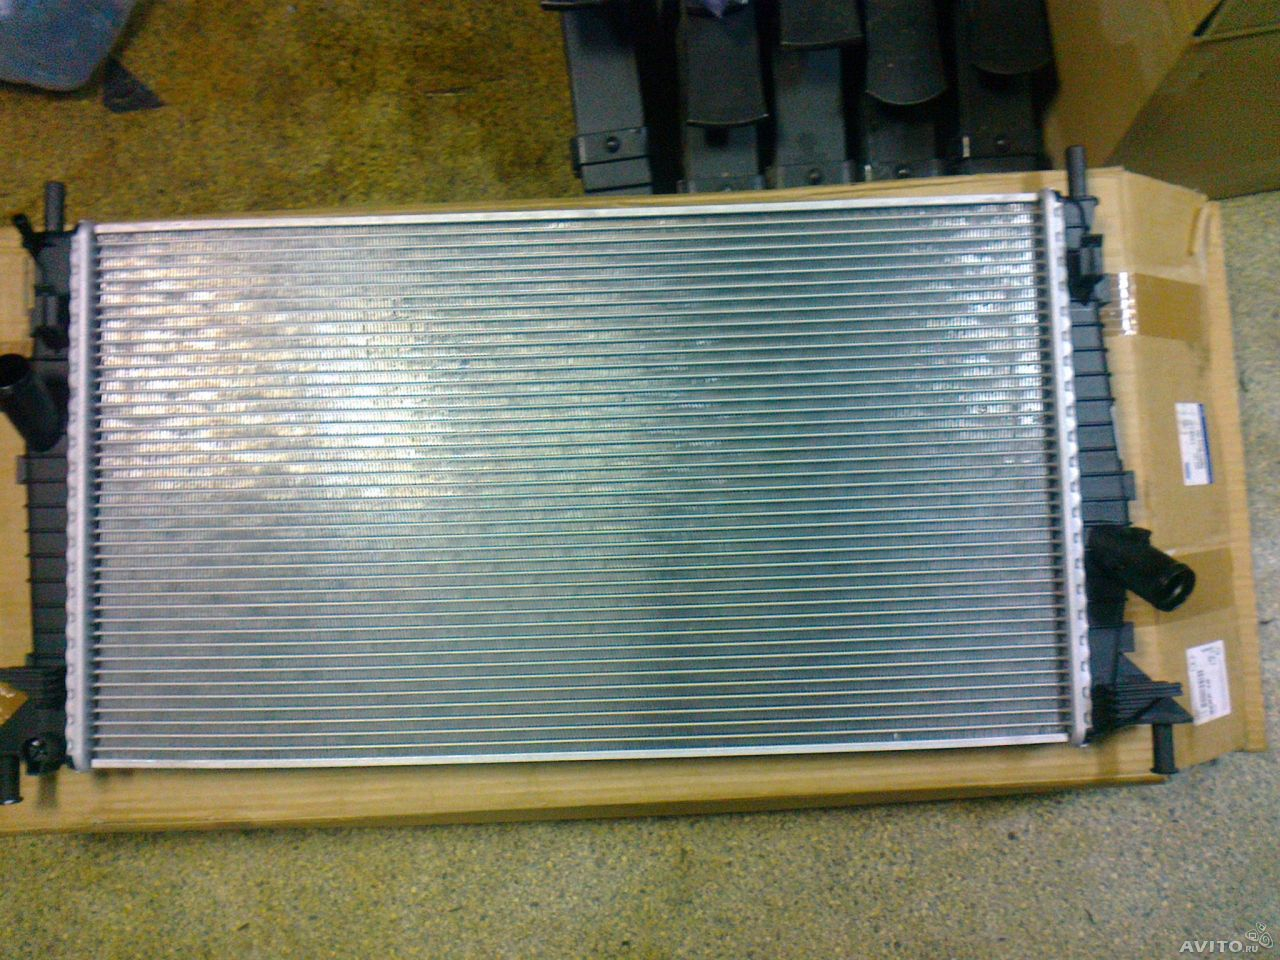 1354177 Радиатор охлаждения Фокус II  DURATEC 1.4 : 1.6 : 1.8